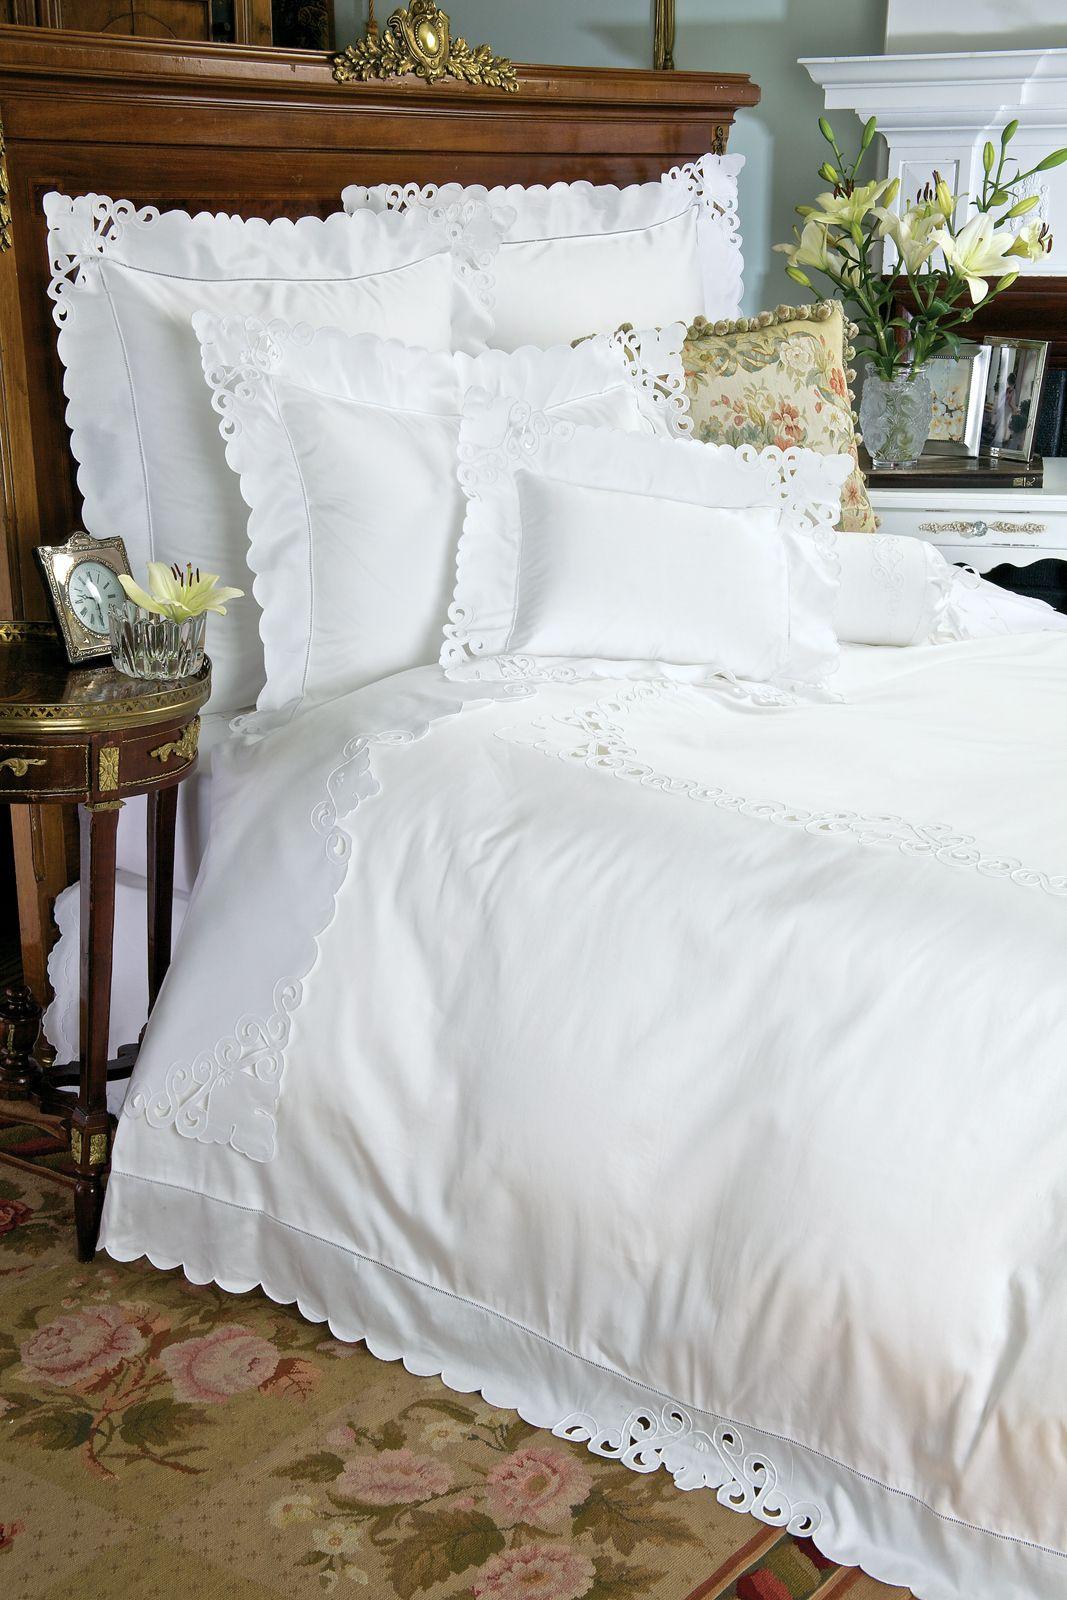 Amorosa Fine Bed Linens Luxury Bedding Italian Schweitzer Linen